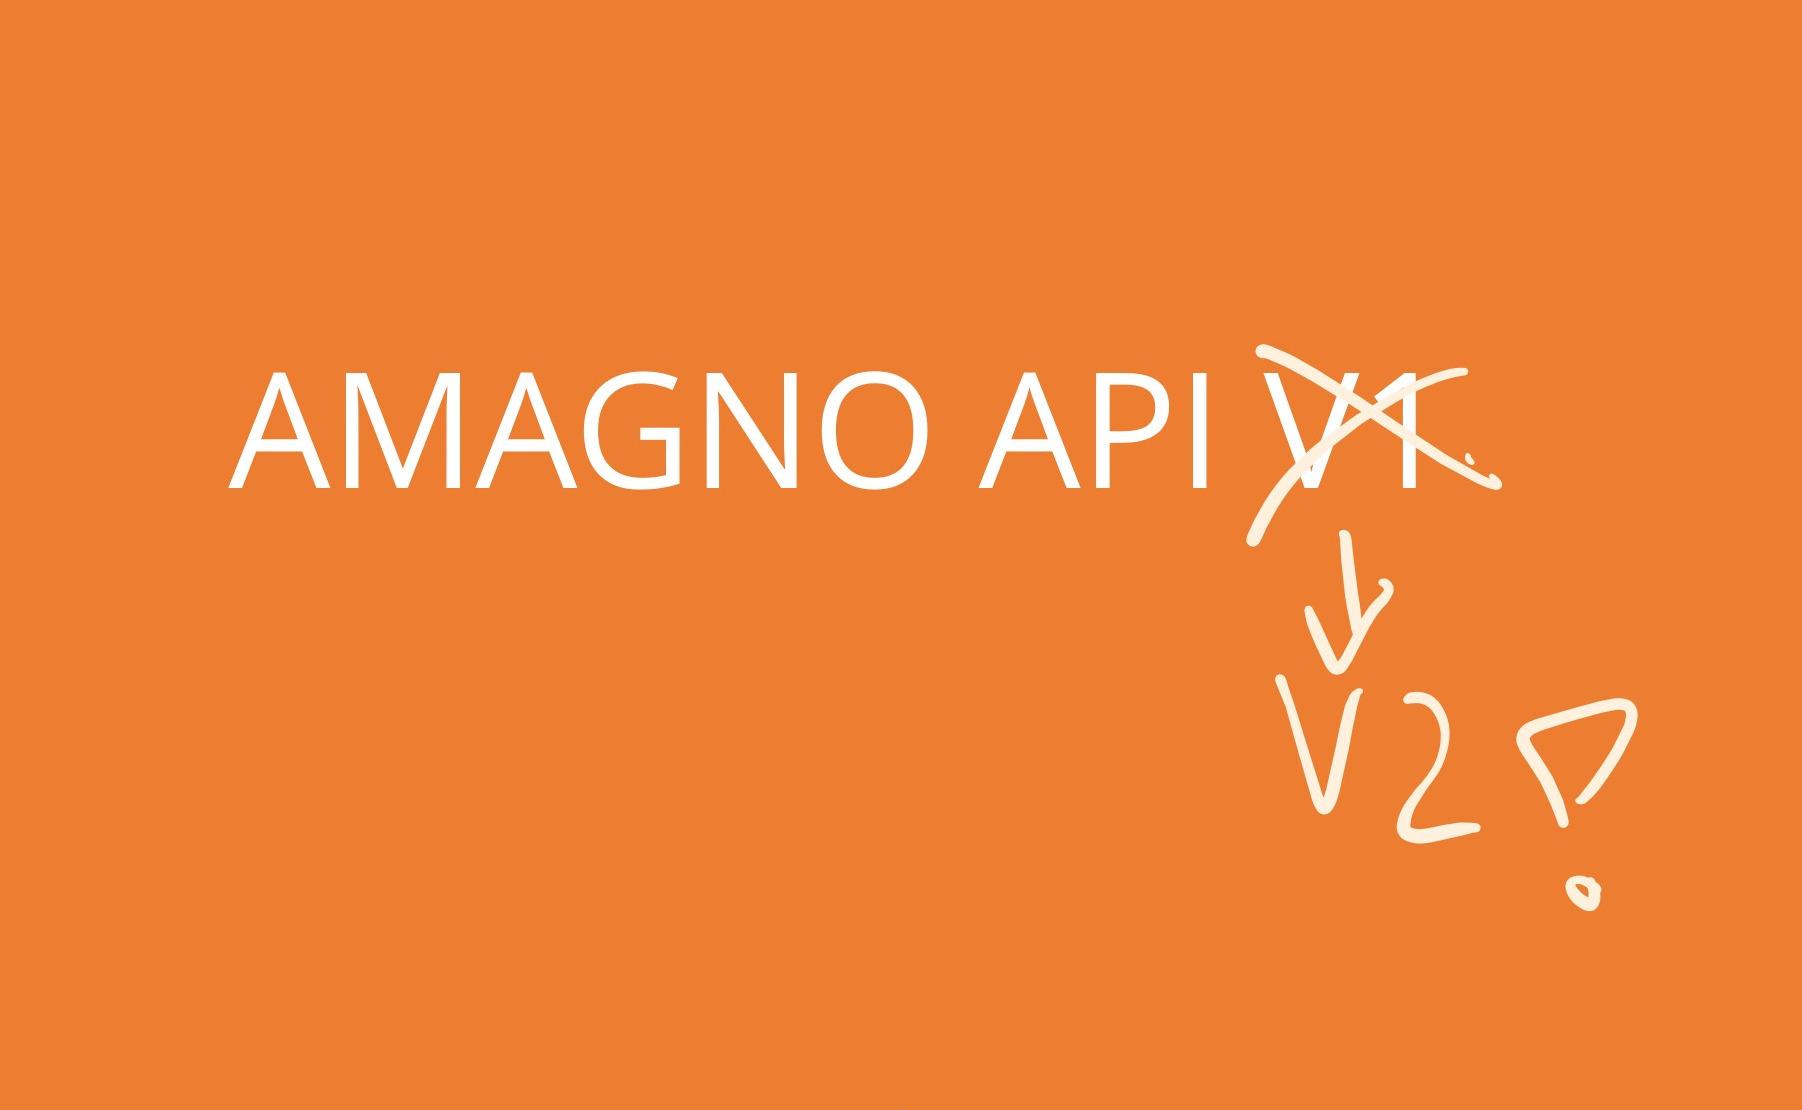 Unbedingt Schnittstellen prüfen: Amagno API v1 nicht mehr verfügbar!